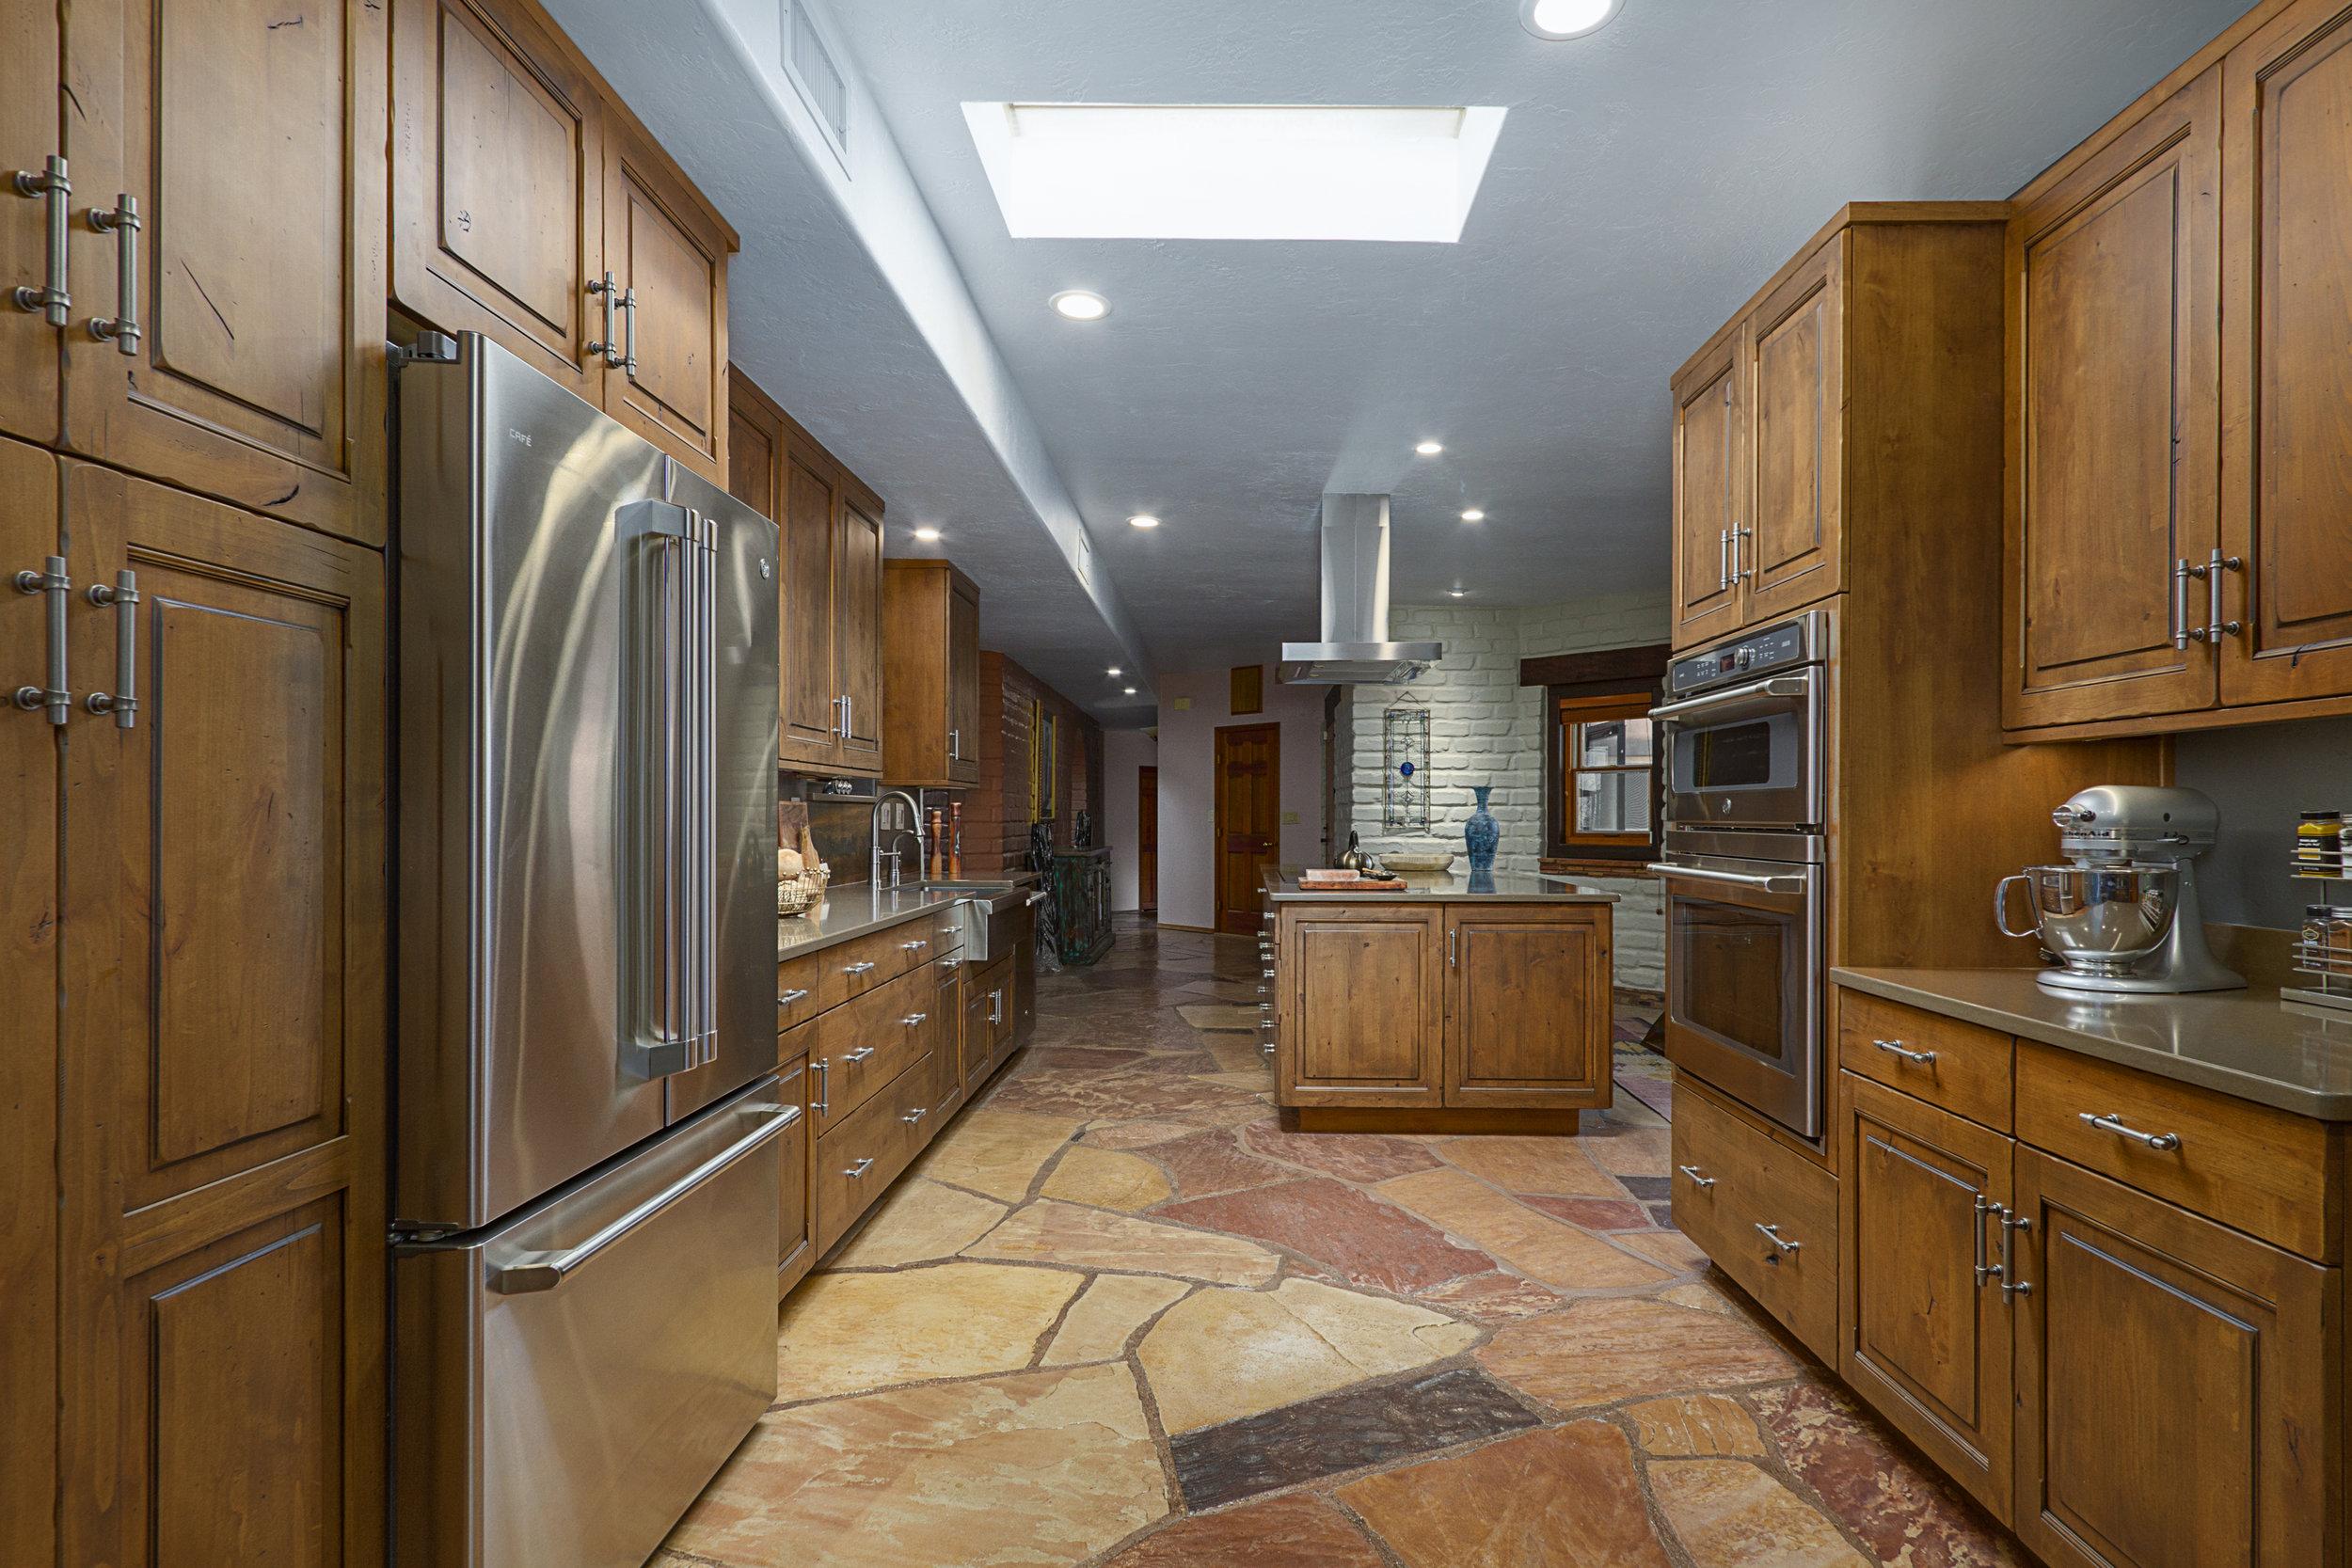 Cline_Kitchen 5.jpg